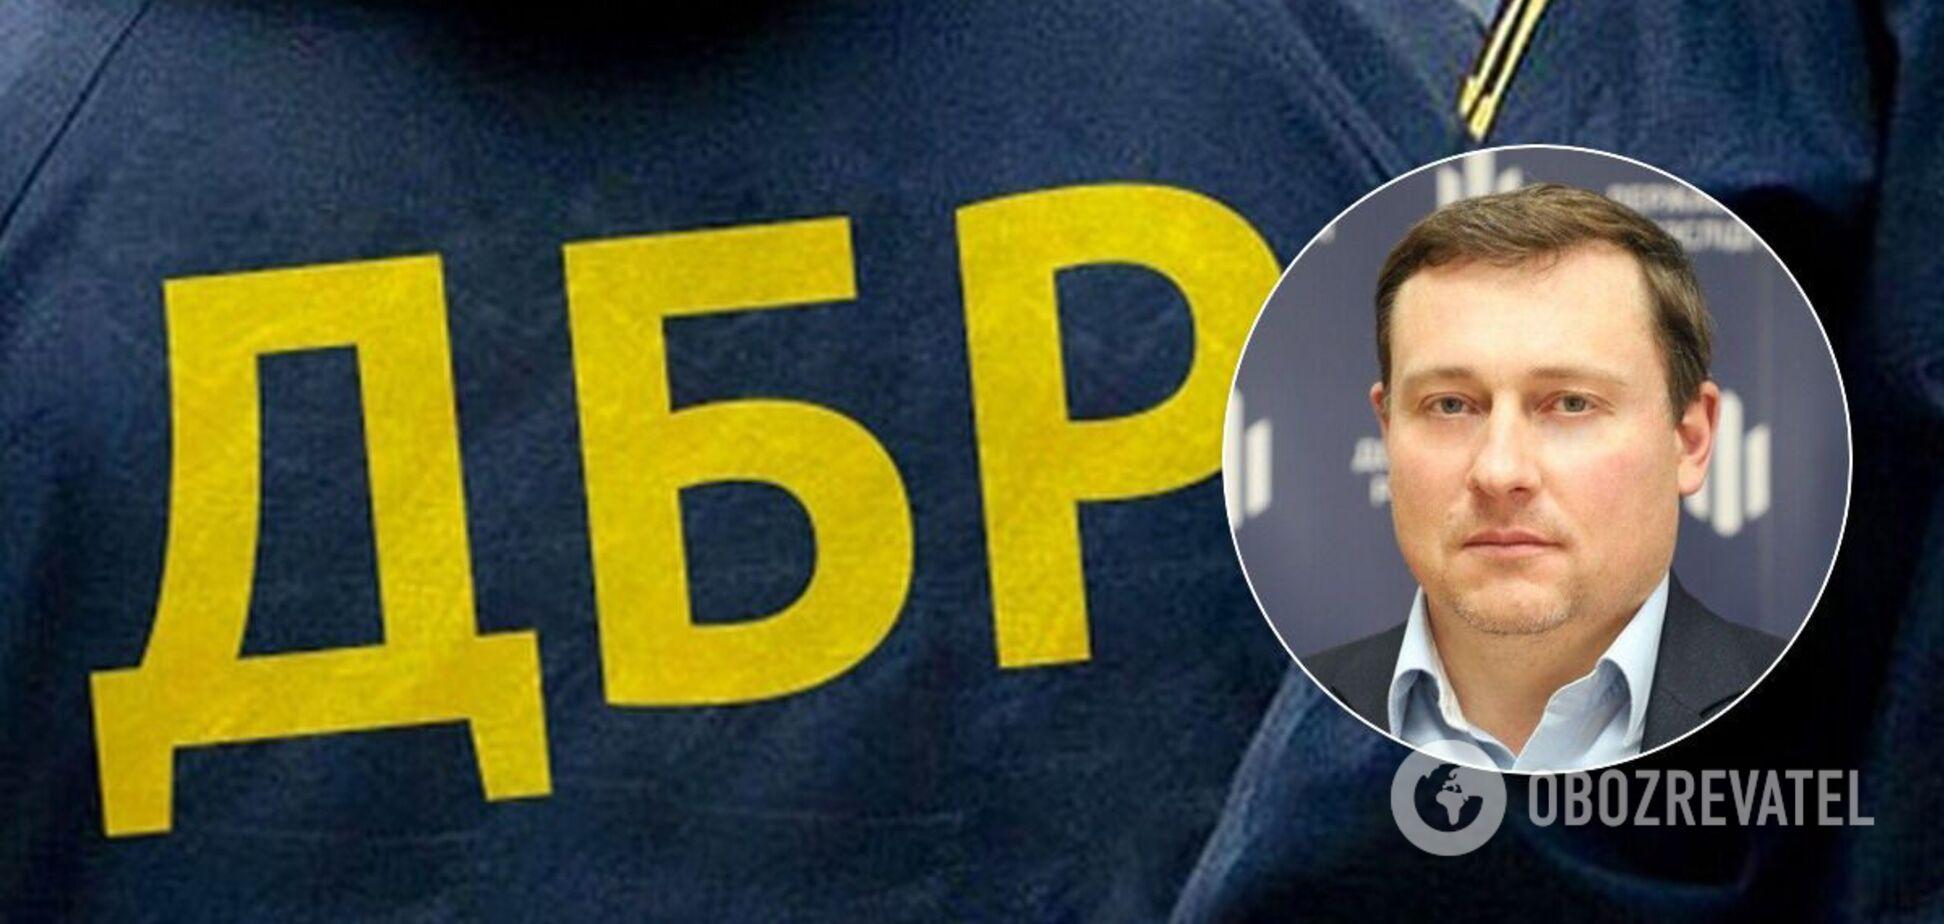 Бывший адвокат Януковича Бабиков открестился от увольнения из ГБР